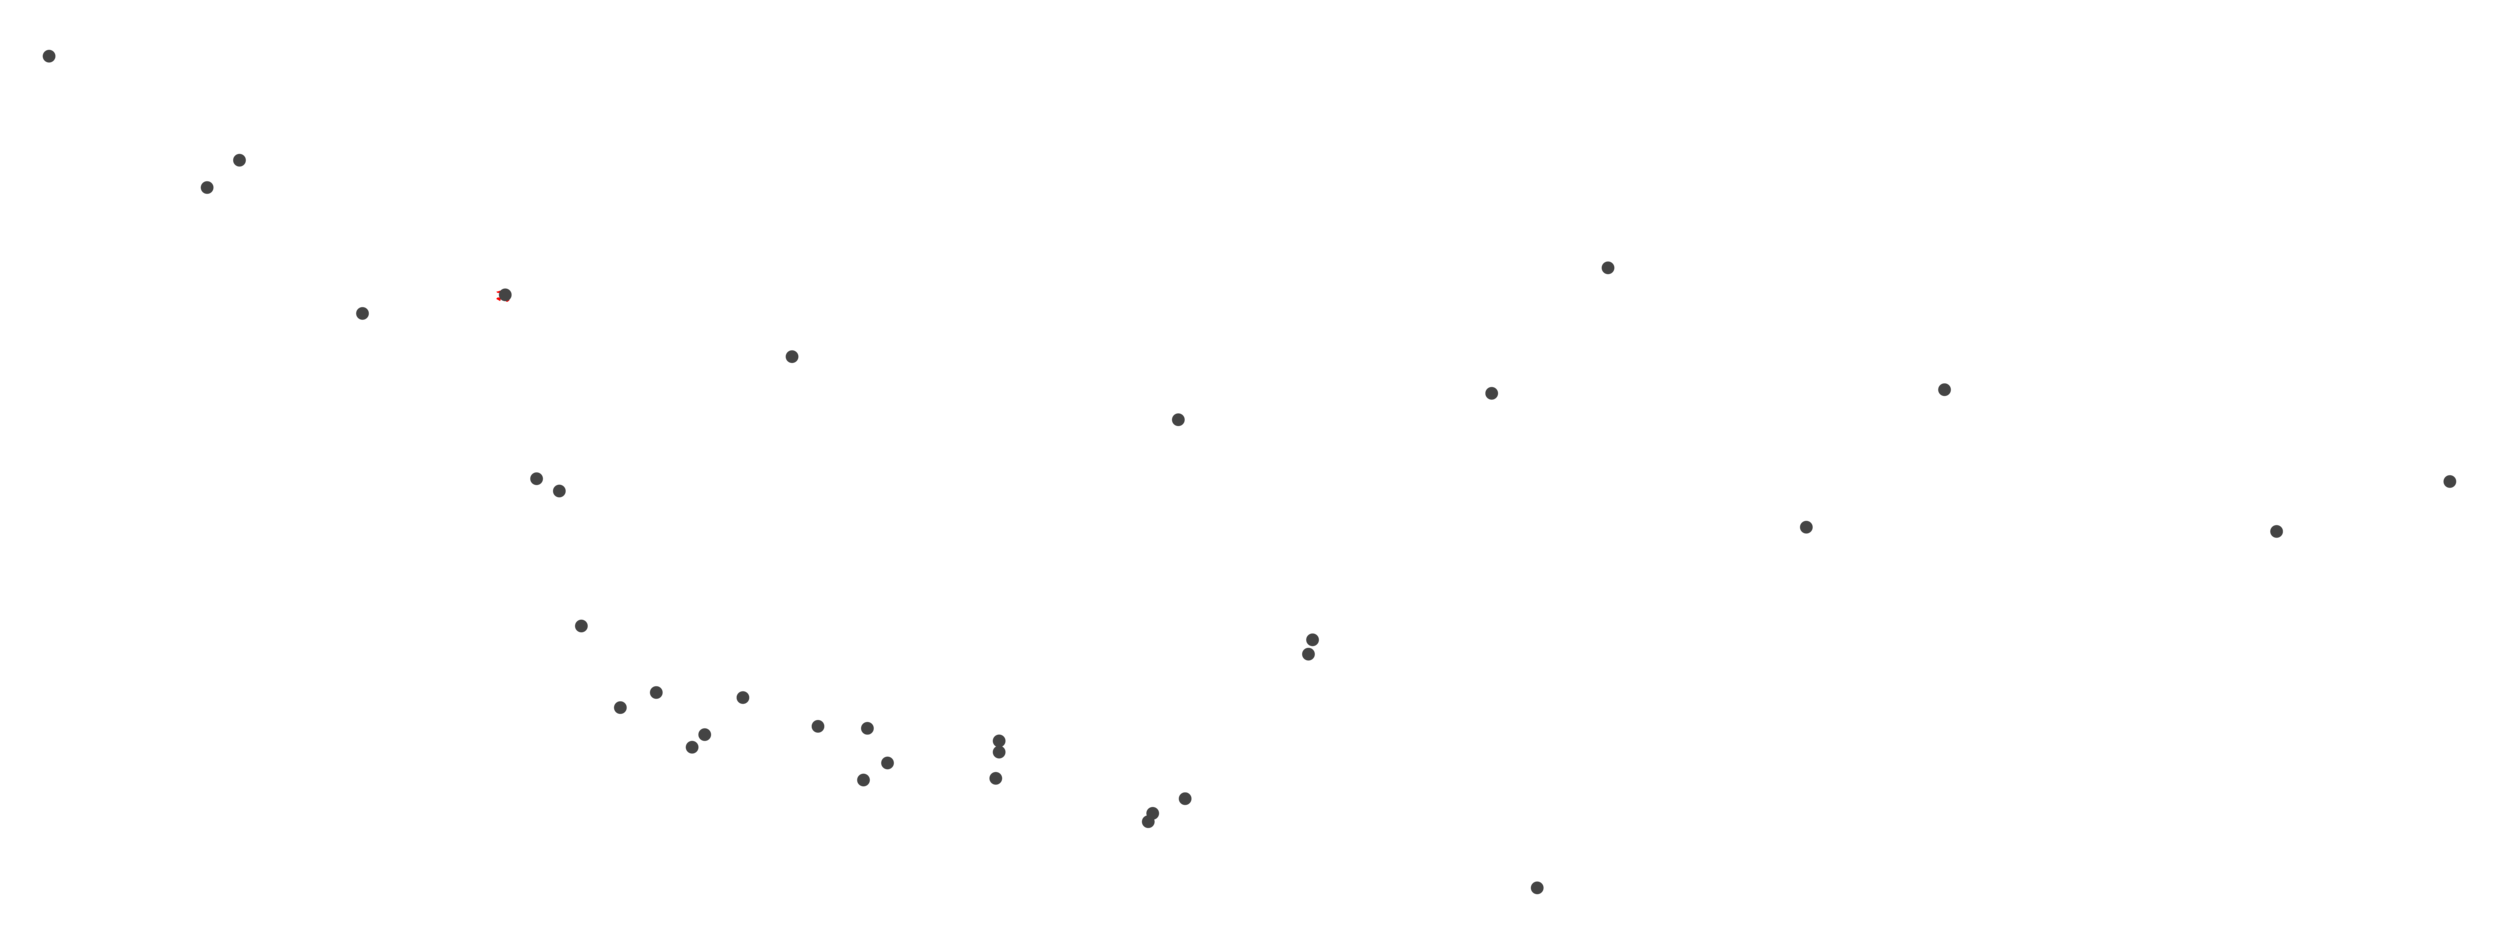 Maps-Delon-small-01interlaced.png